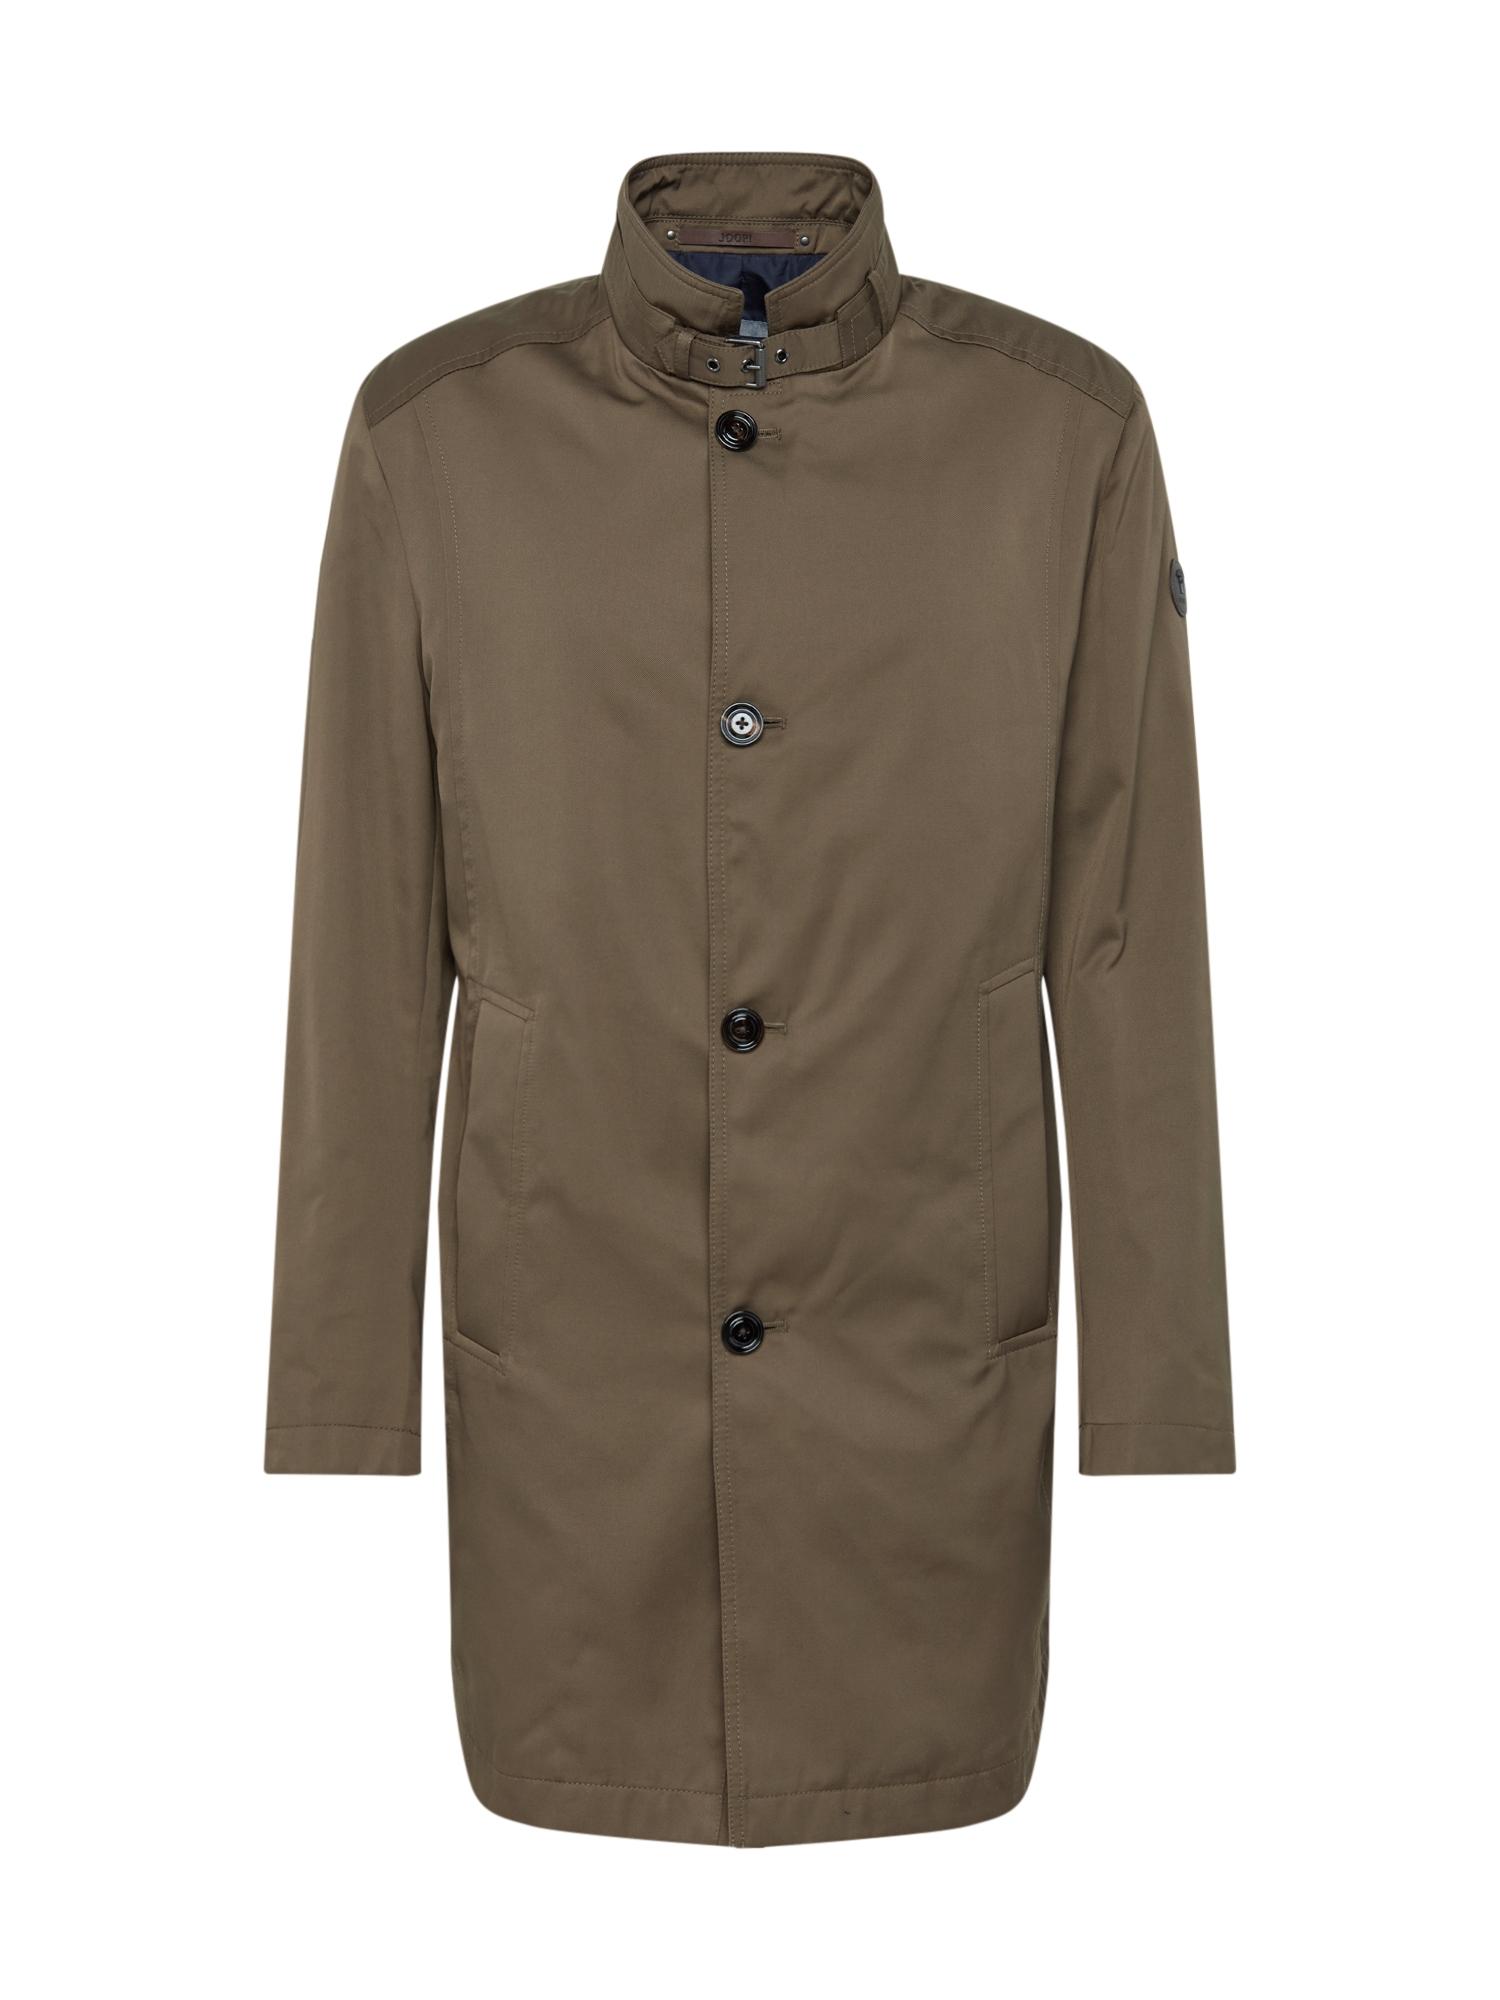 JOOP! Rudeninis-žieminis paltas 'JC-52Felino' alyvuogių spalva